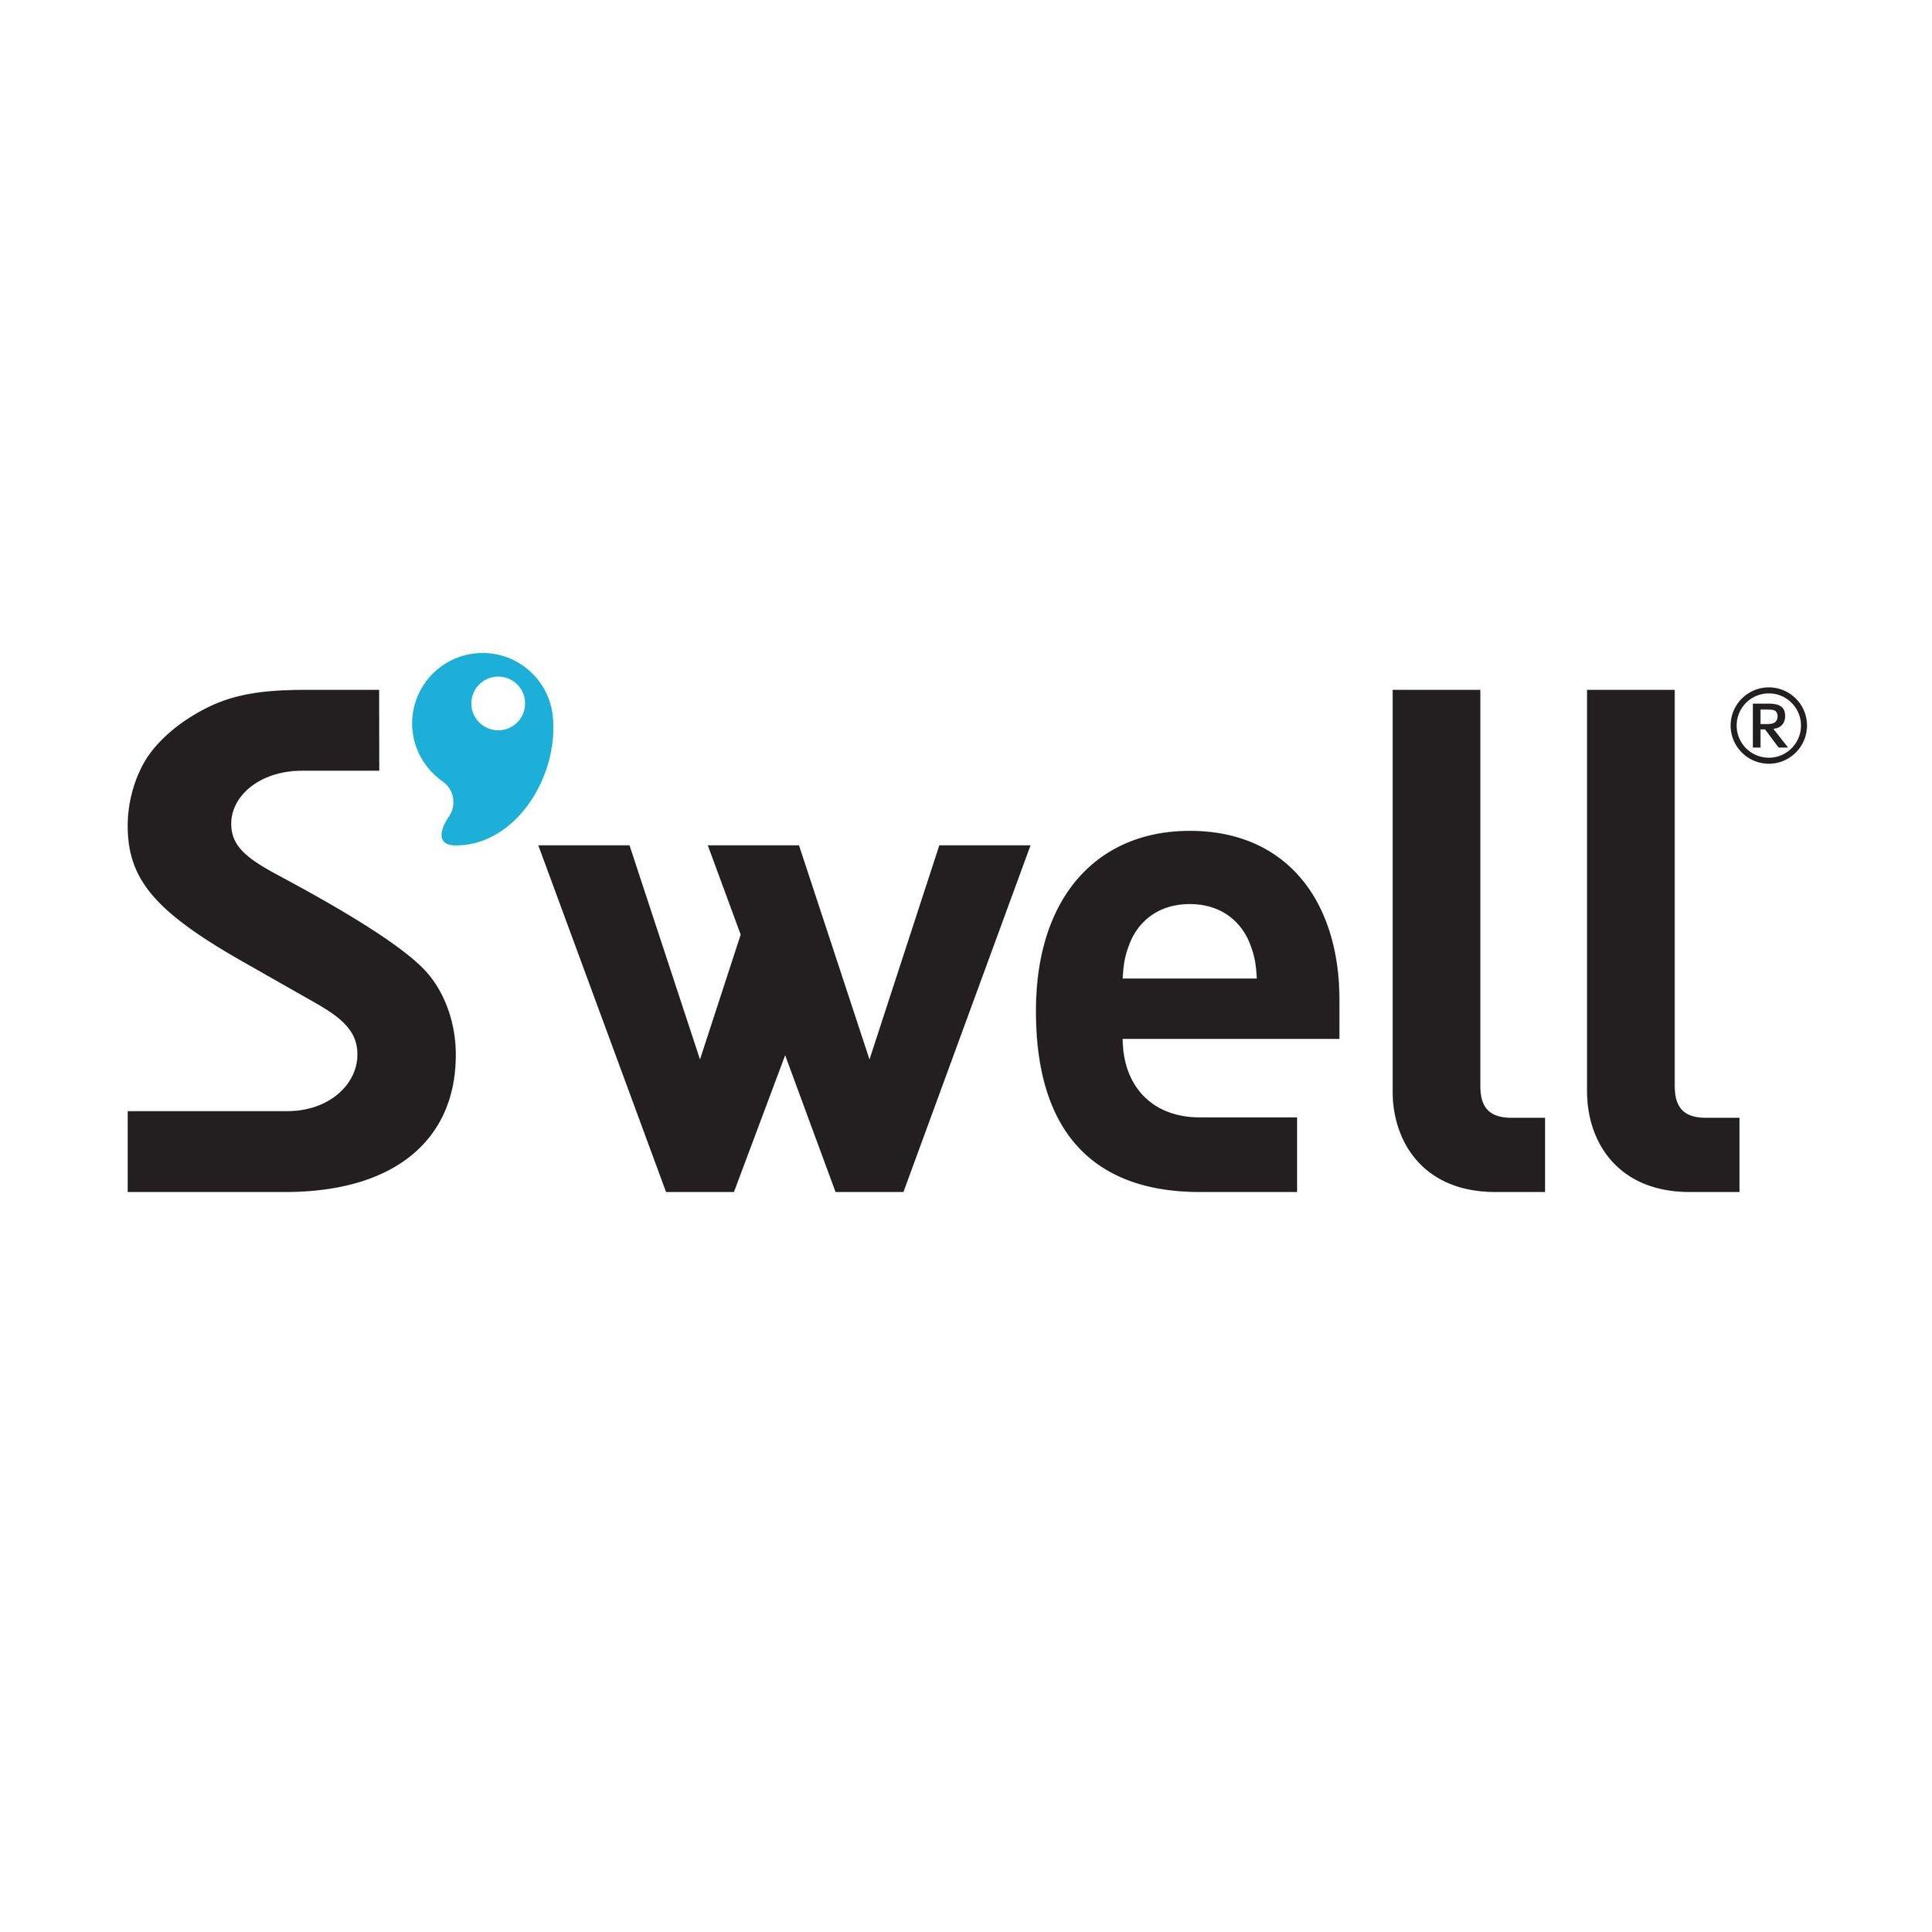 s'well logo.jpg